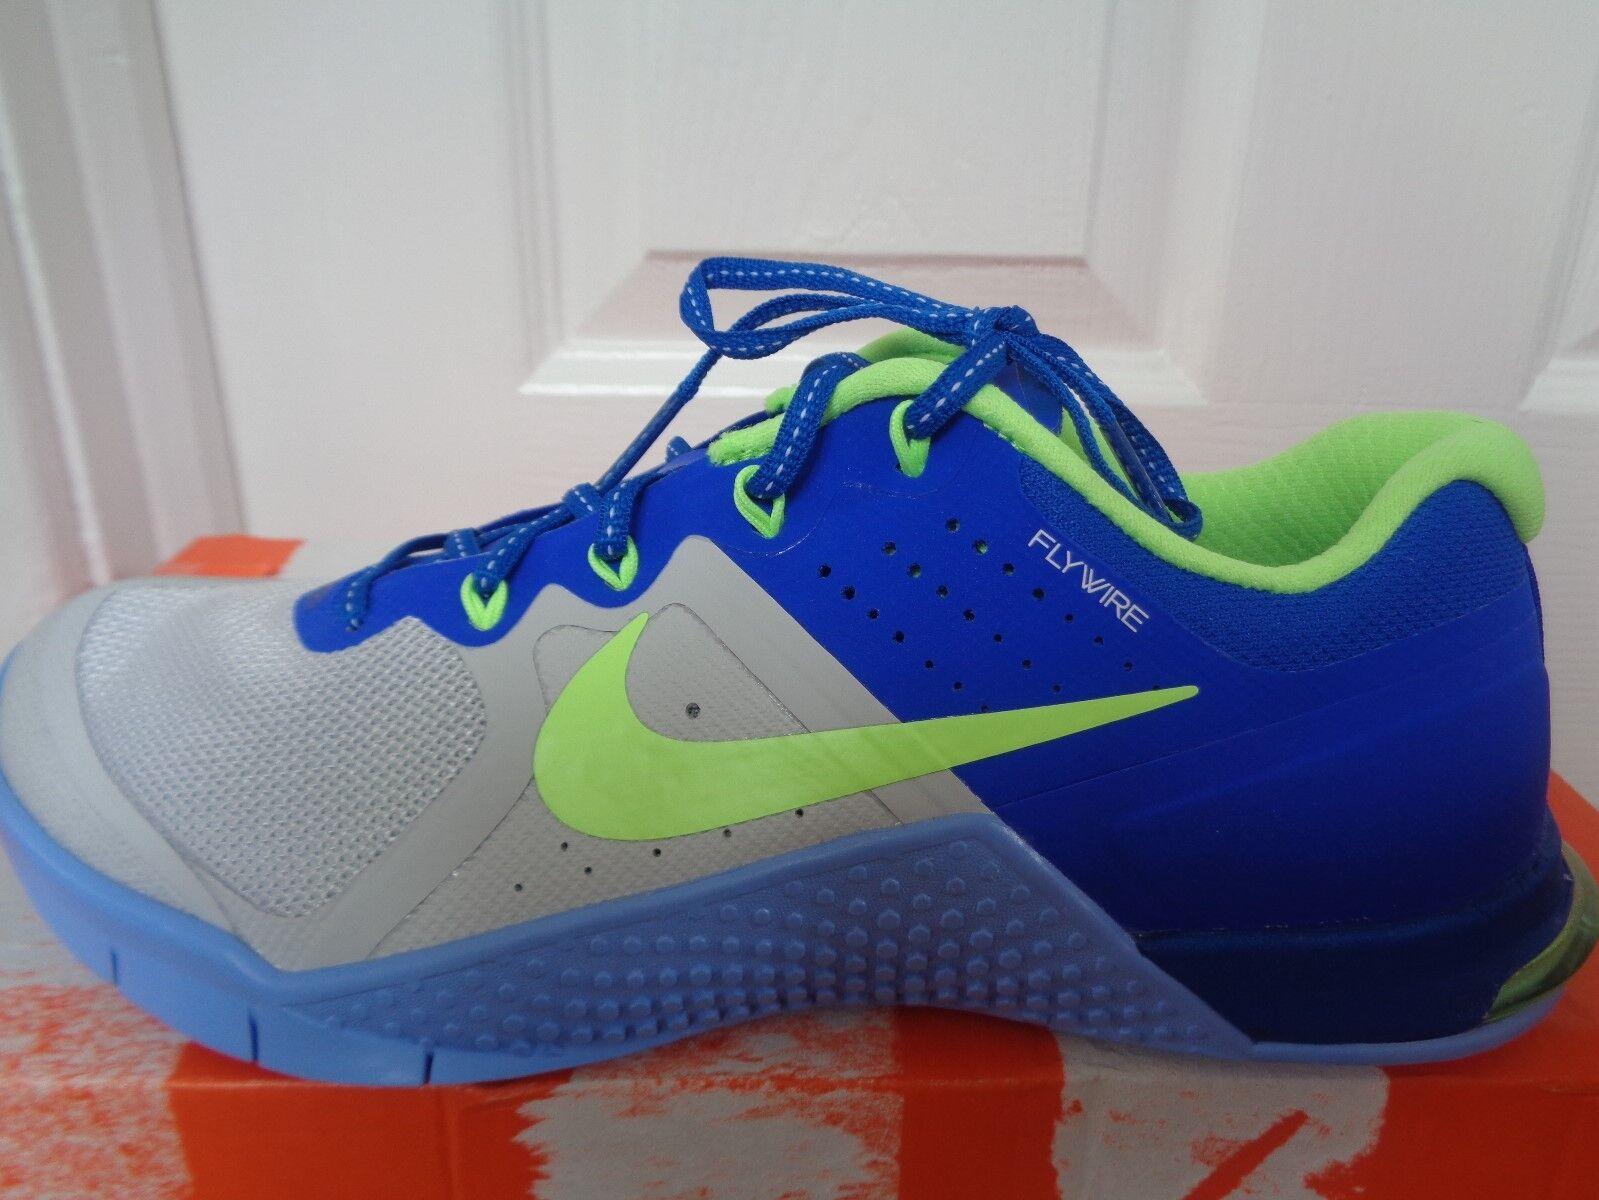 Nike Metcon 2 damen schuhe trainers Turnschuhe 821913 003 uk 5.5 eu 39 us 8 NEW+BOX